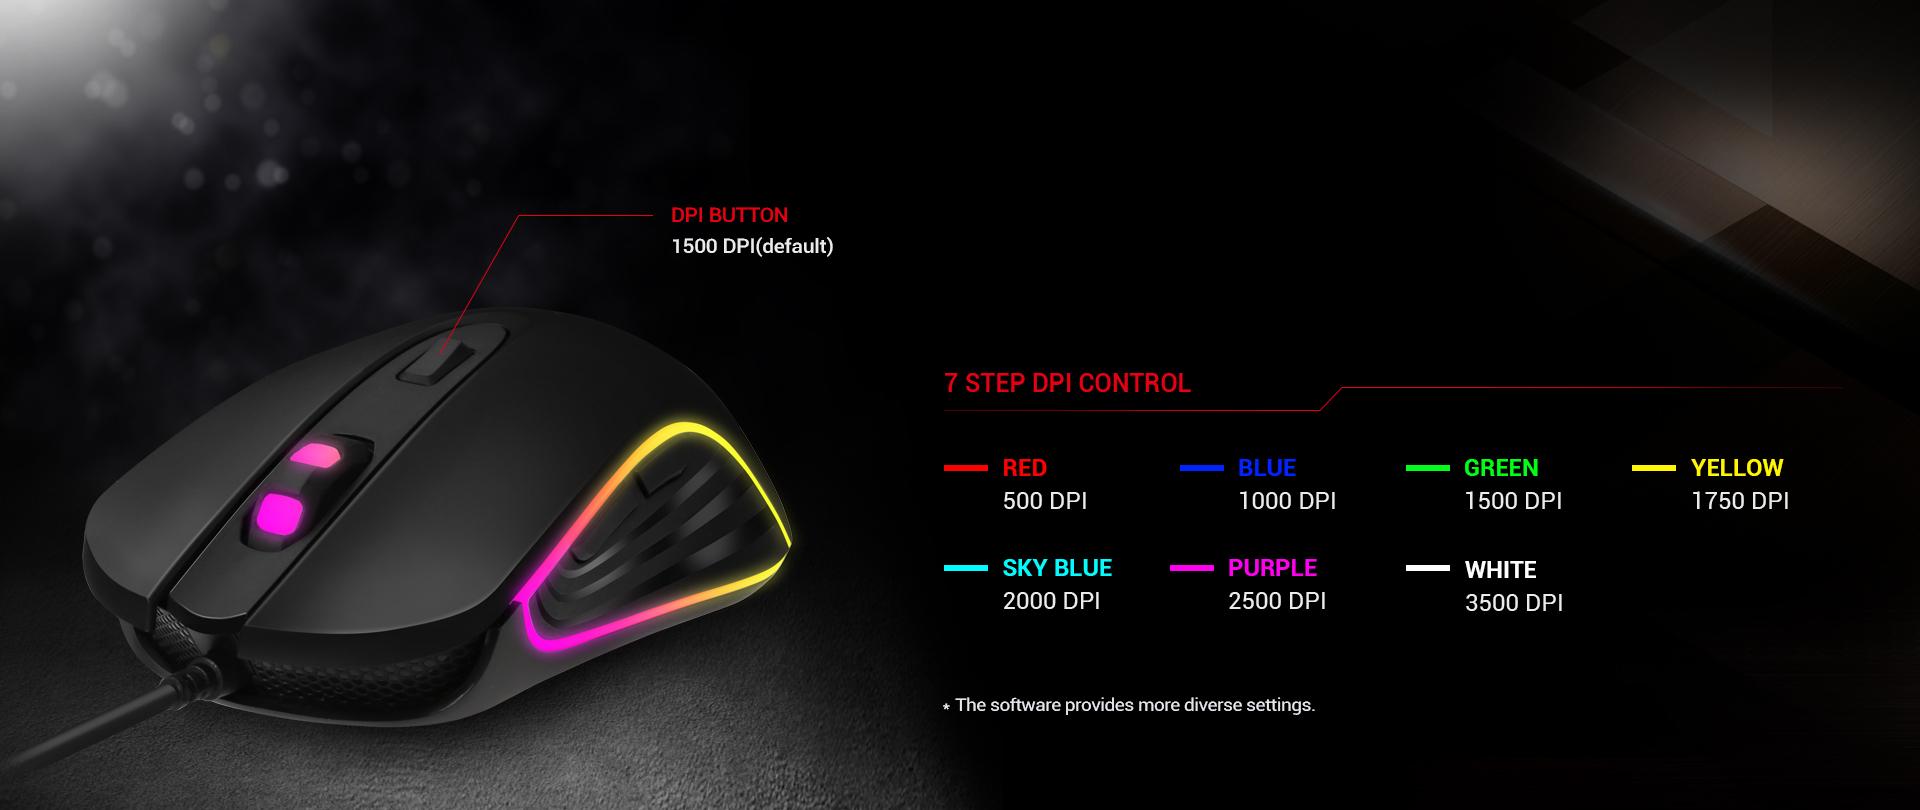 Ratón Gaming Astra M30 imagen descripción botón DPI